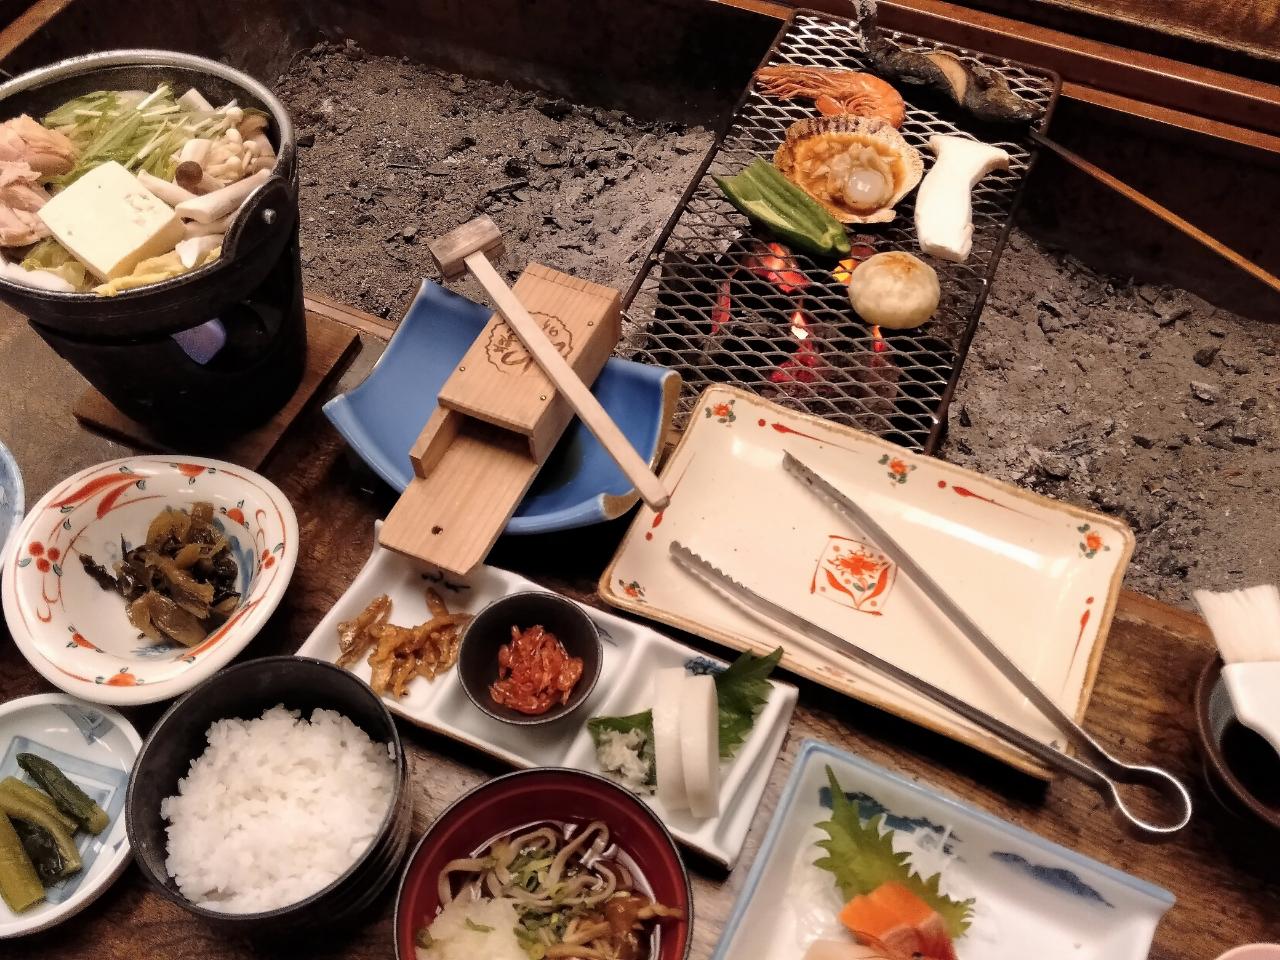 囲炉裏料理と天空温泉が1泊2食6600円で楽しめる高原の温泉宿に泊まってみた【いろりの宿  蓼科パークホテル】